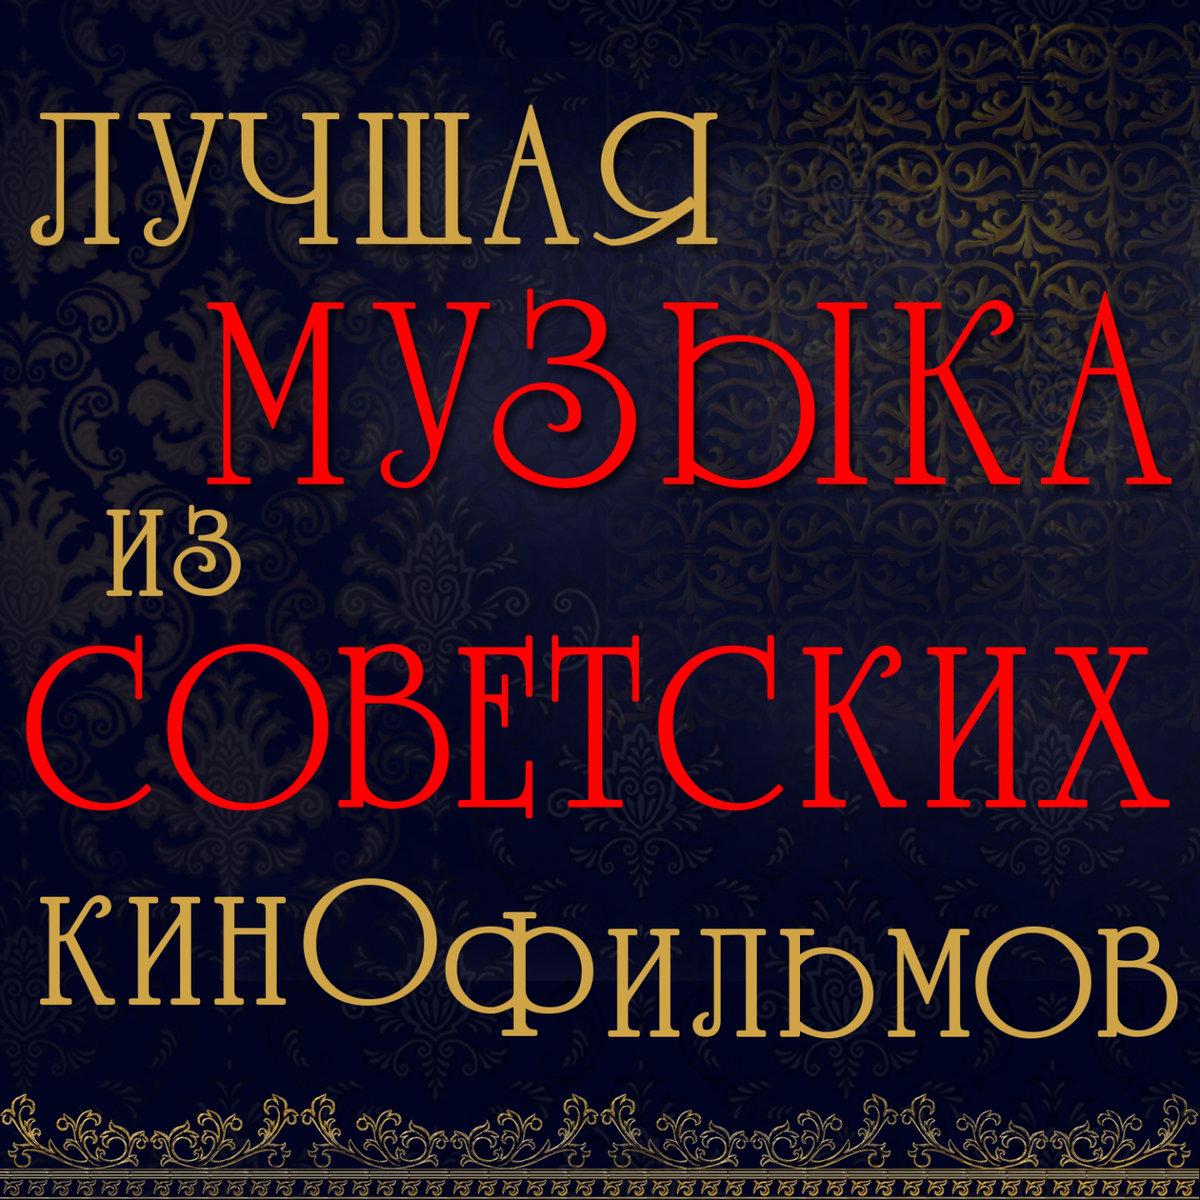 музыка советских композиторов слушать